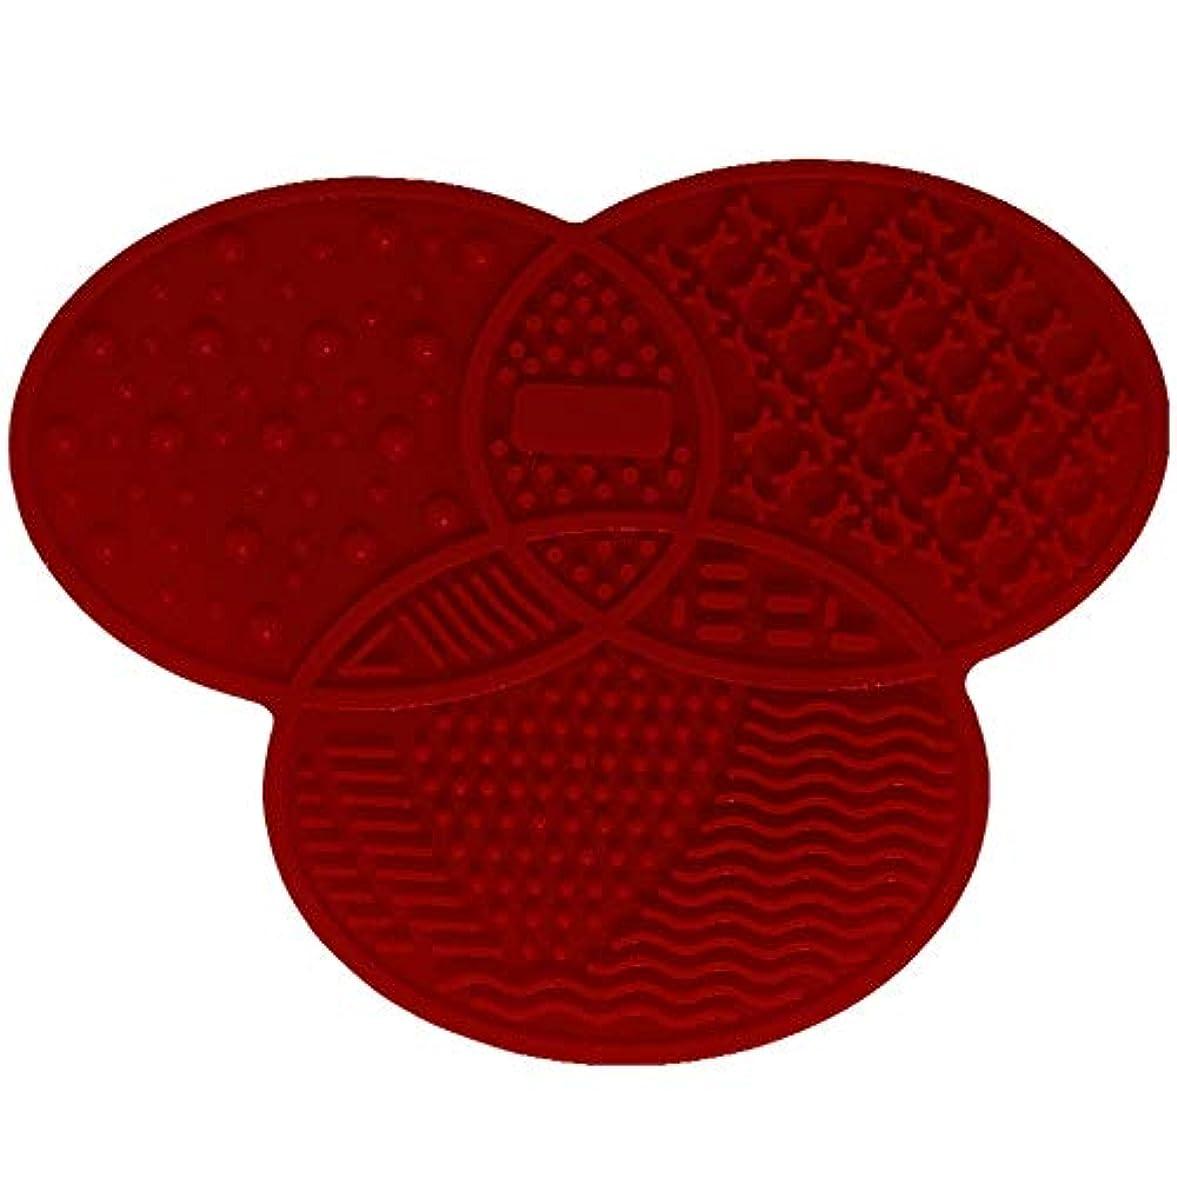 兵器庫迅速オリエントシリコンブラシクリーナー化粧品メイクアップウォッシュブラシジェルクリーニングマットファンデーションメイクブラシクリーナーパッドスクラブボード - レッド